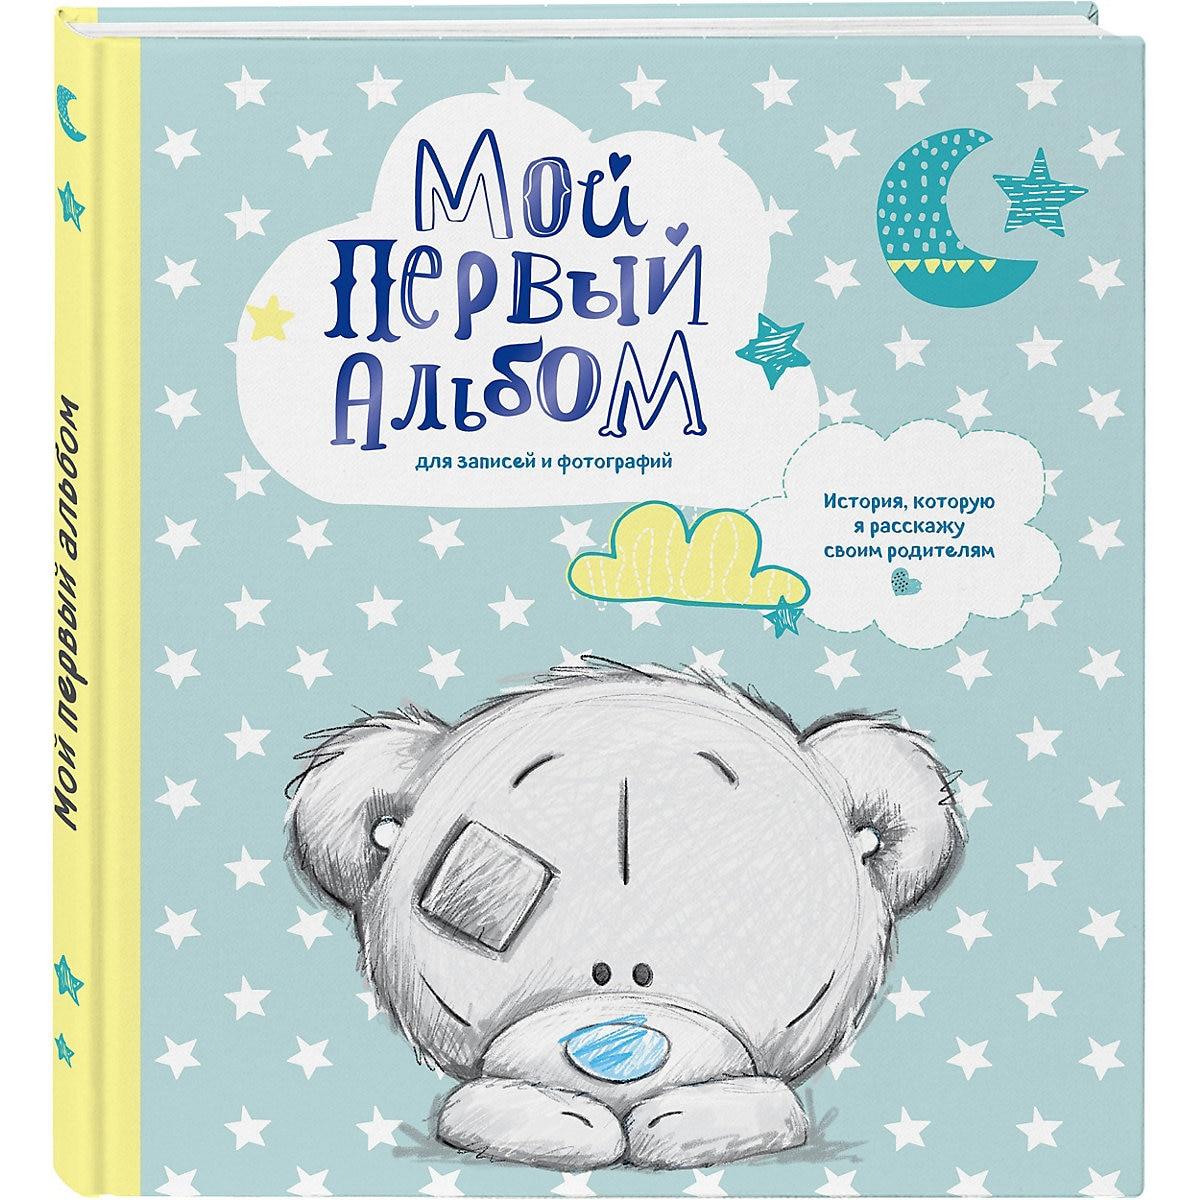 Livres EKSMO 9556205 enfants éducation encyclopédie alphabet dictionnaire livre pour bébé MTpromo